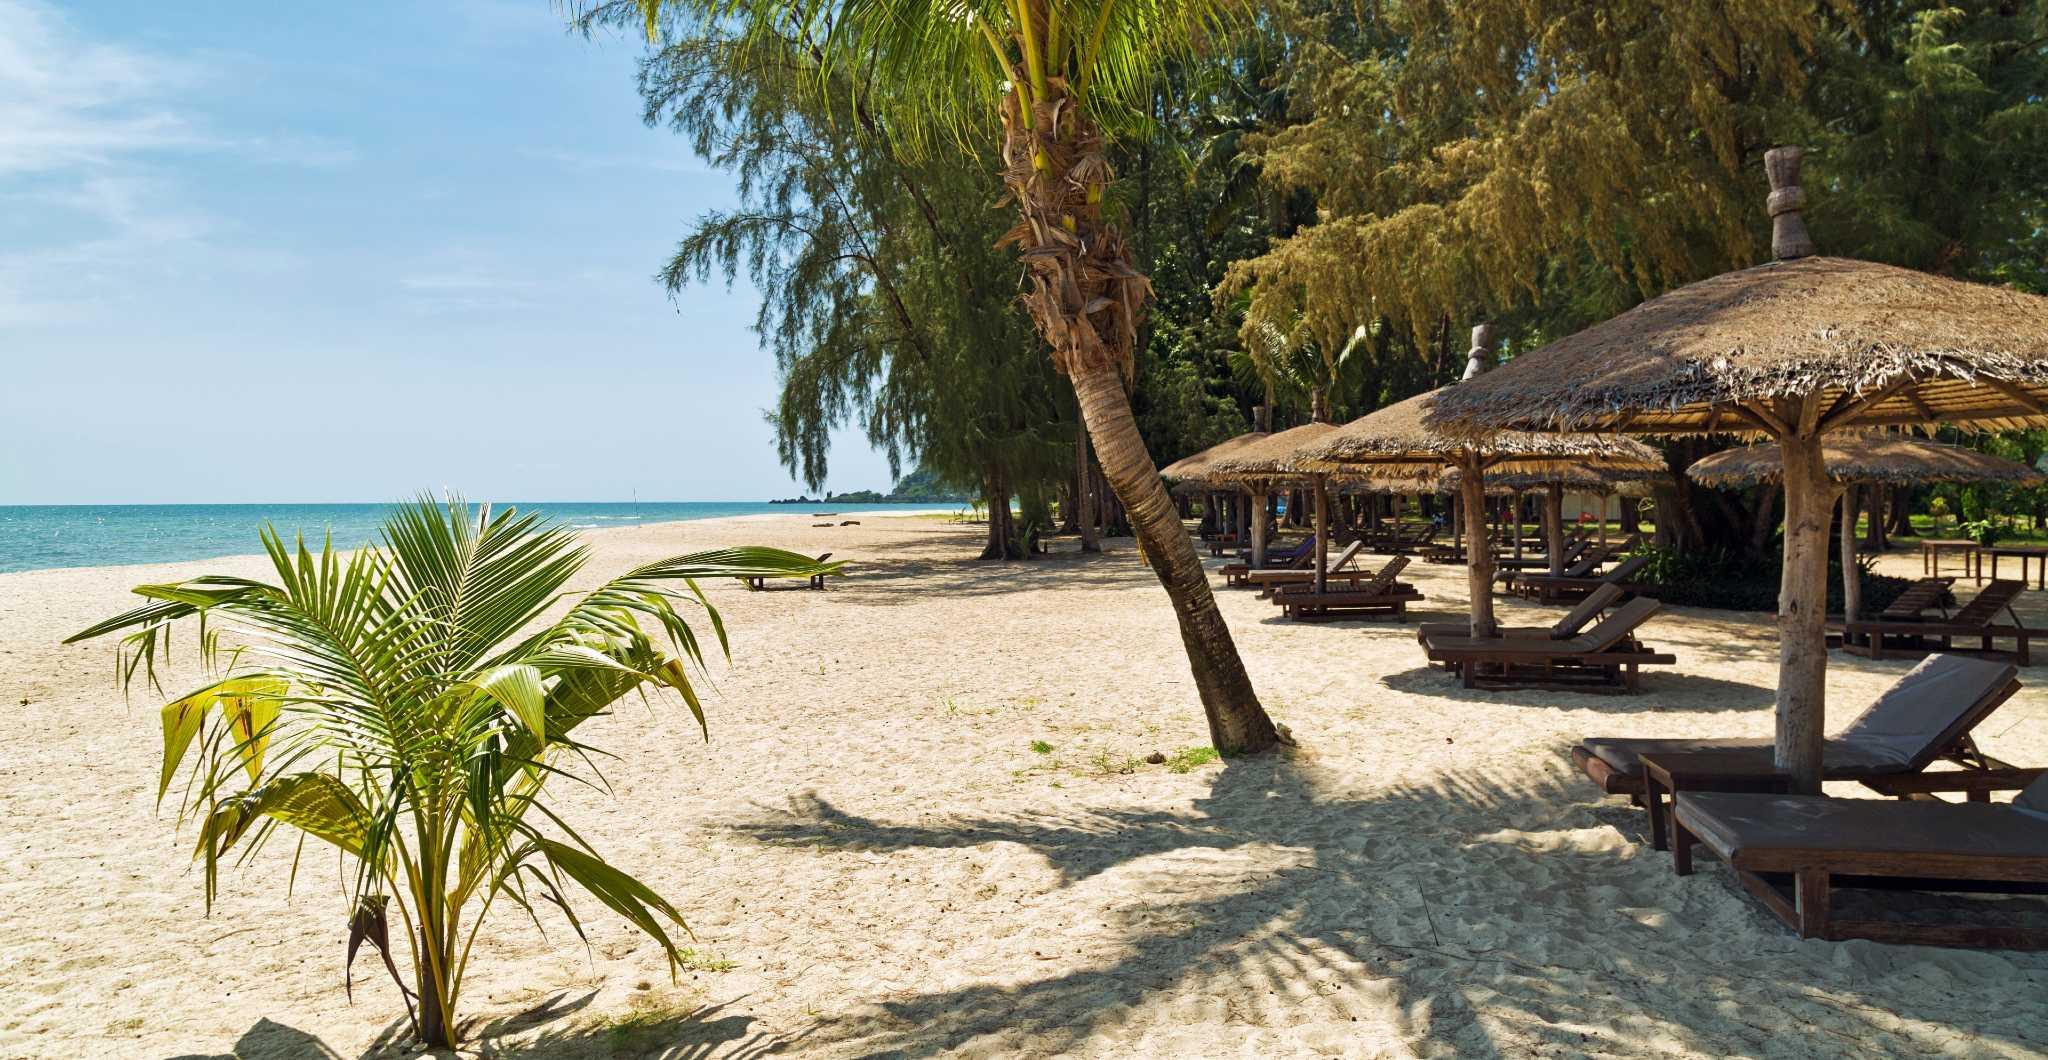 Koh Chang eiland, ligbedjes onder de palmbomen met zeezicht